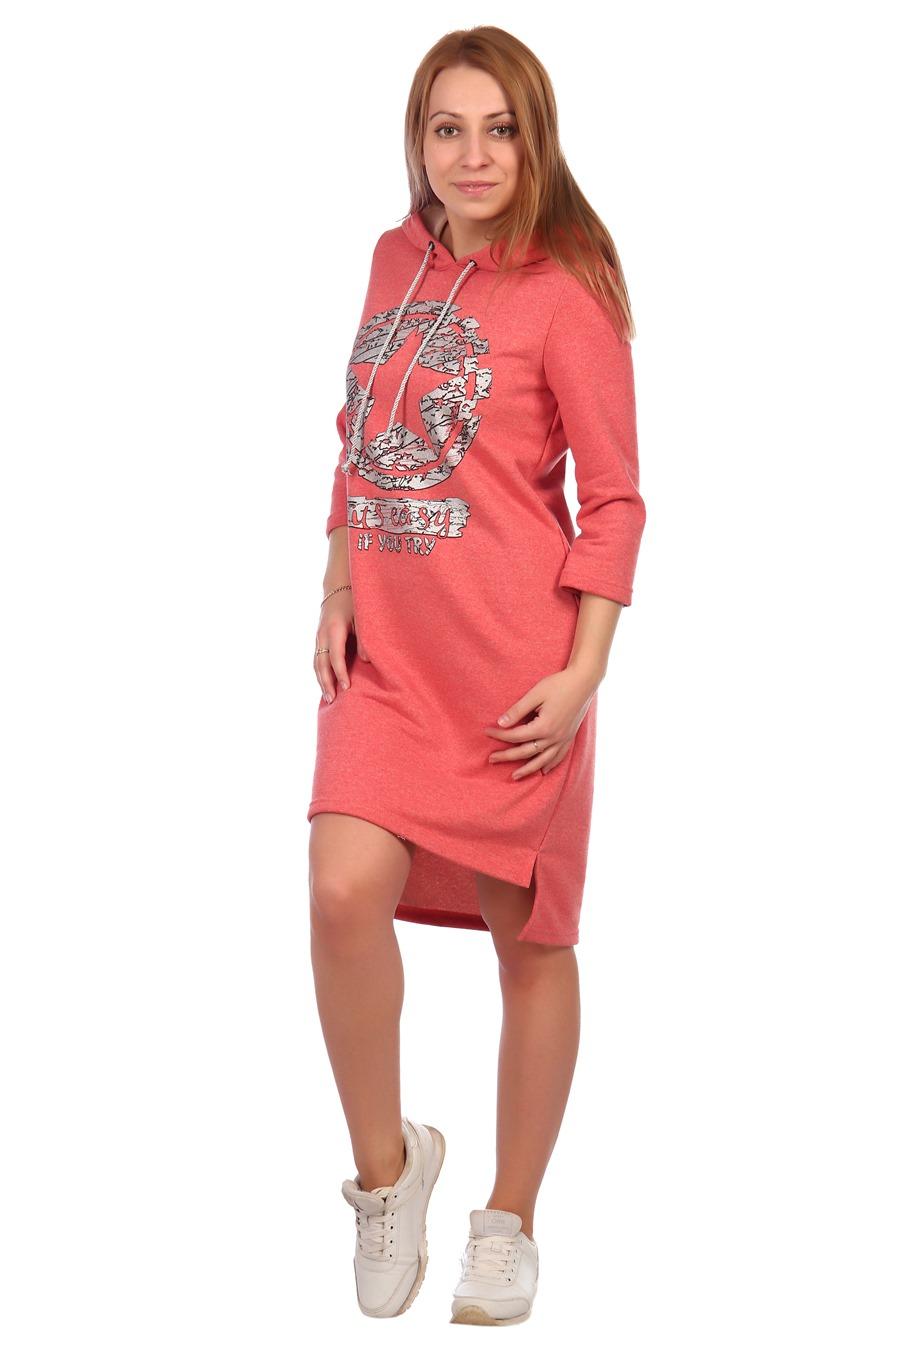 Жен. платье арт. 16-0395 Коралл р. 48 фото